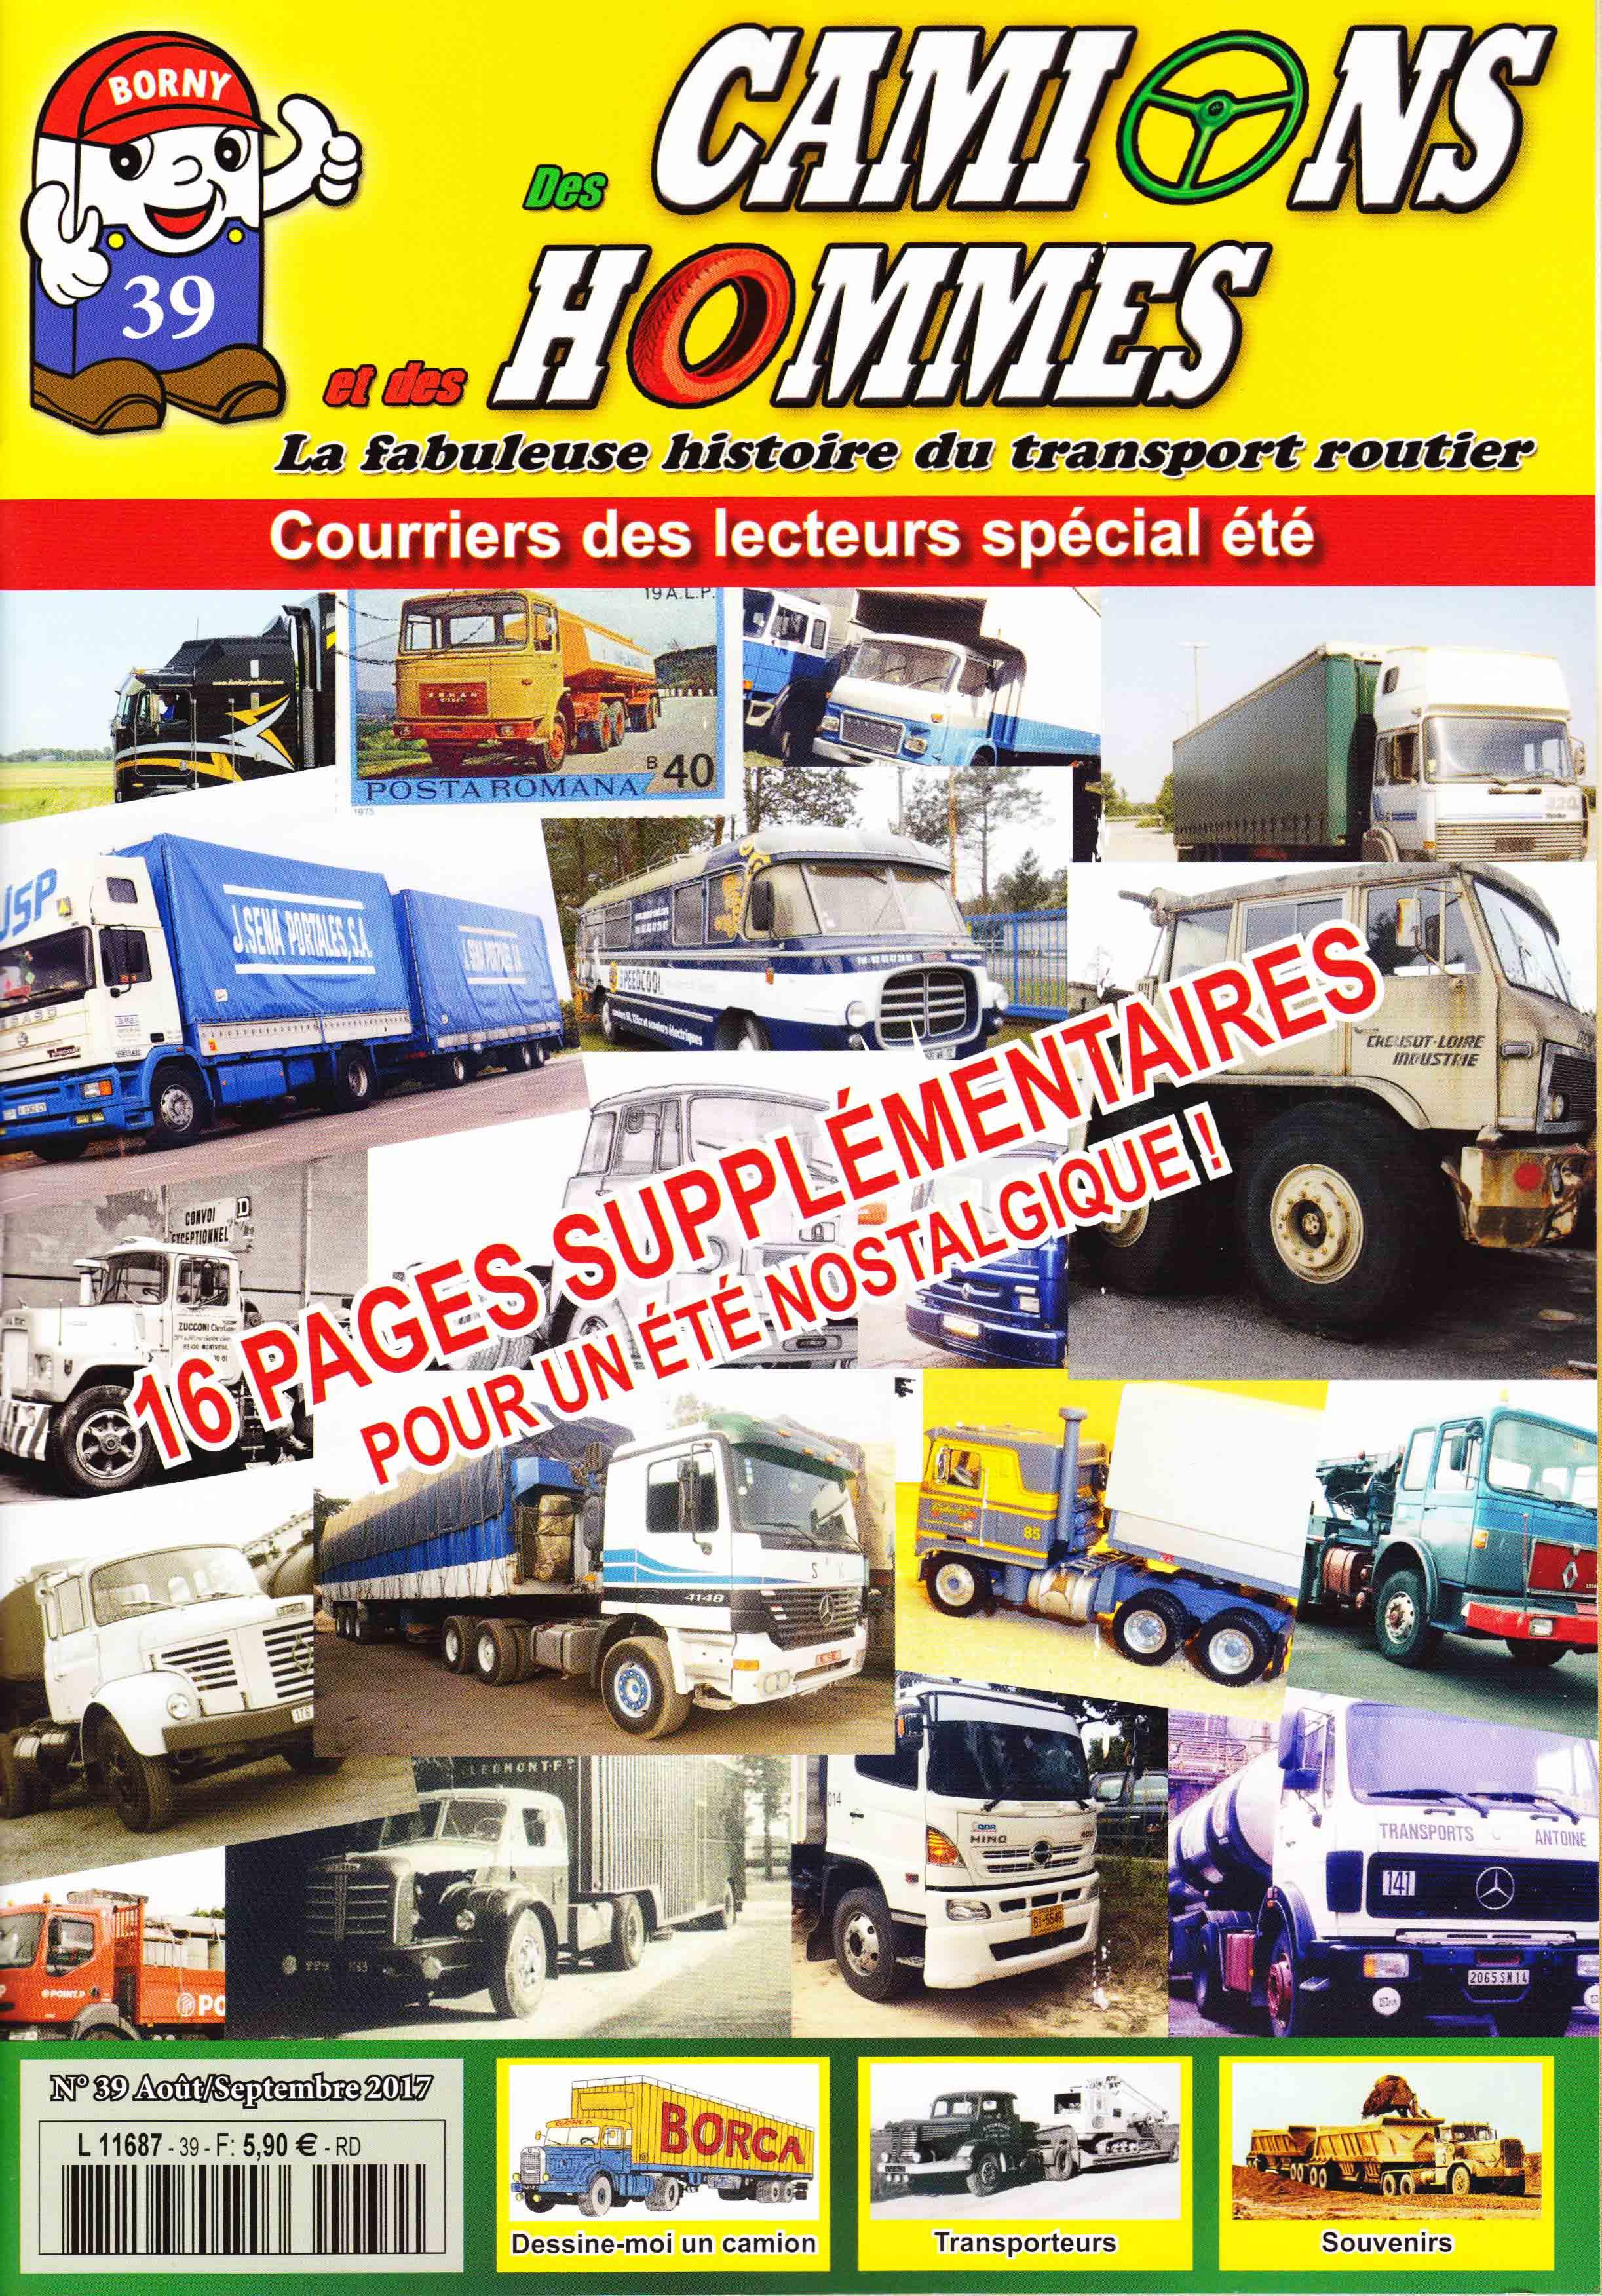 Magazine N°39 Des Camions et des Hommes (Etranger)